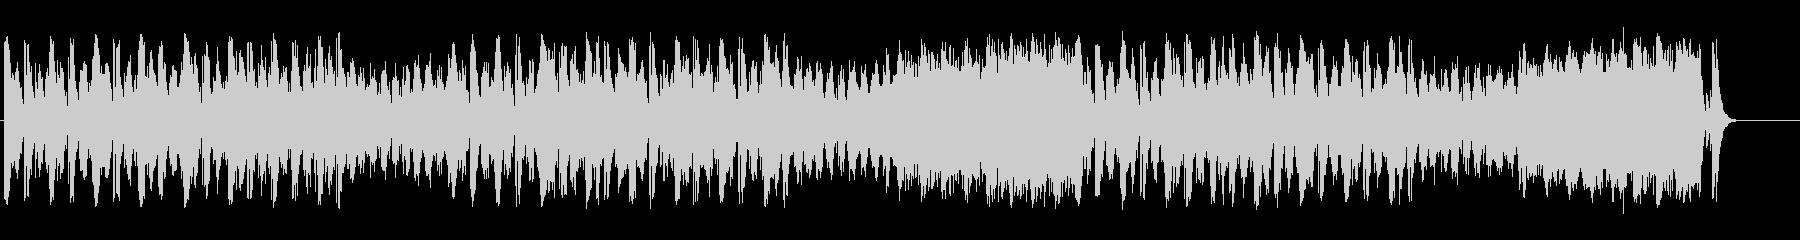 パーカッシヴなアフロ・ミュージック風の未再生の波形